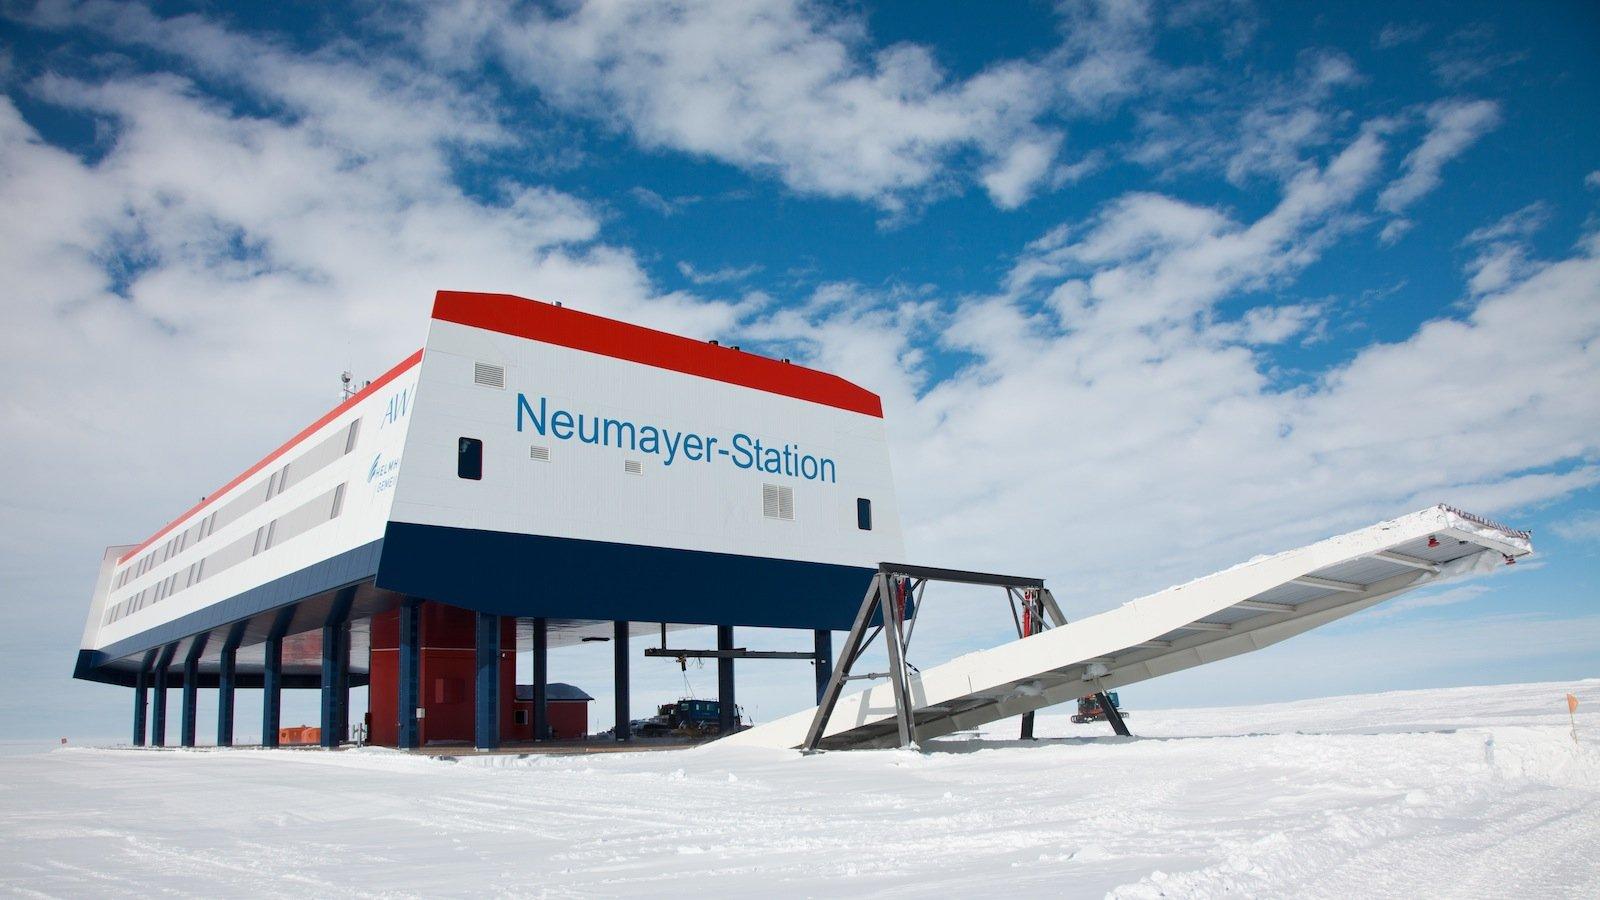 Für ein Jahr lang wird die Neumayer-Station III des Alfred-Wegener-Instituts die Heimat von DLR-Ingenieur Paul Zabel sein. Ab Dezember 2017 wird er dort für das Projekt Eden ISS ein Gewächshaus aufbauen und betreiben.